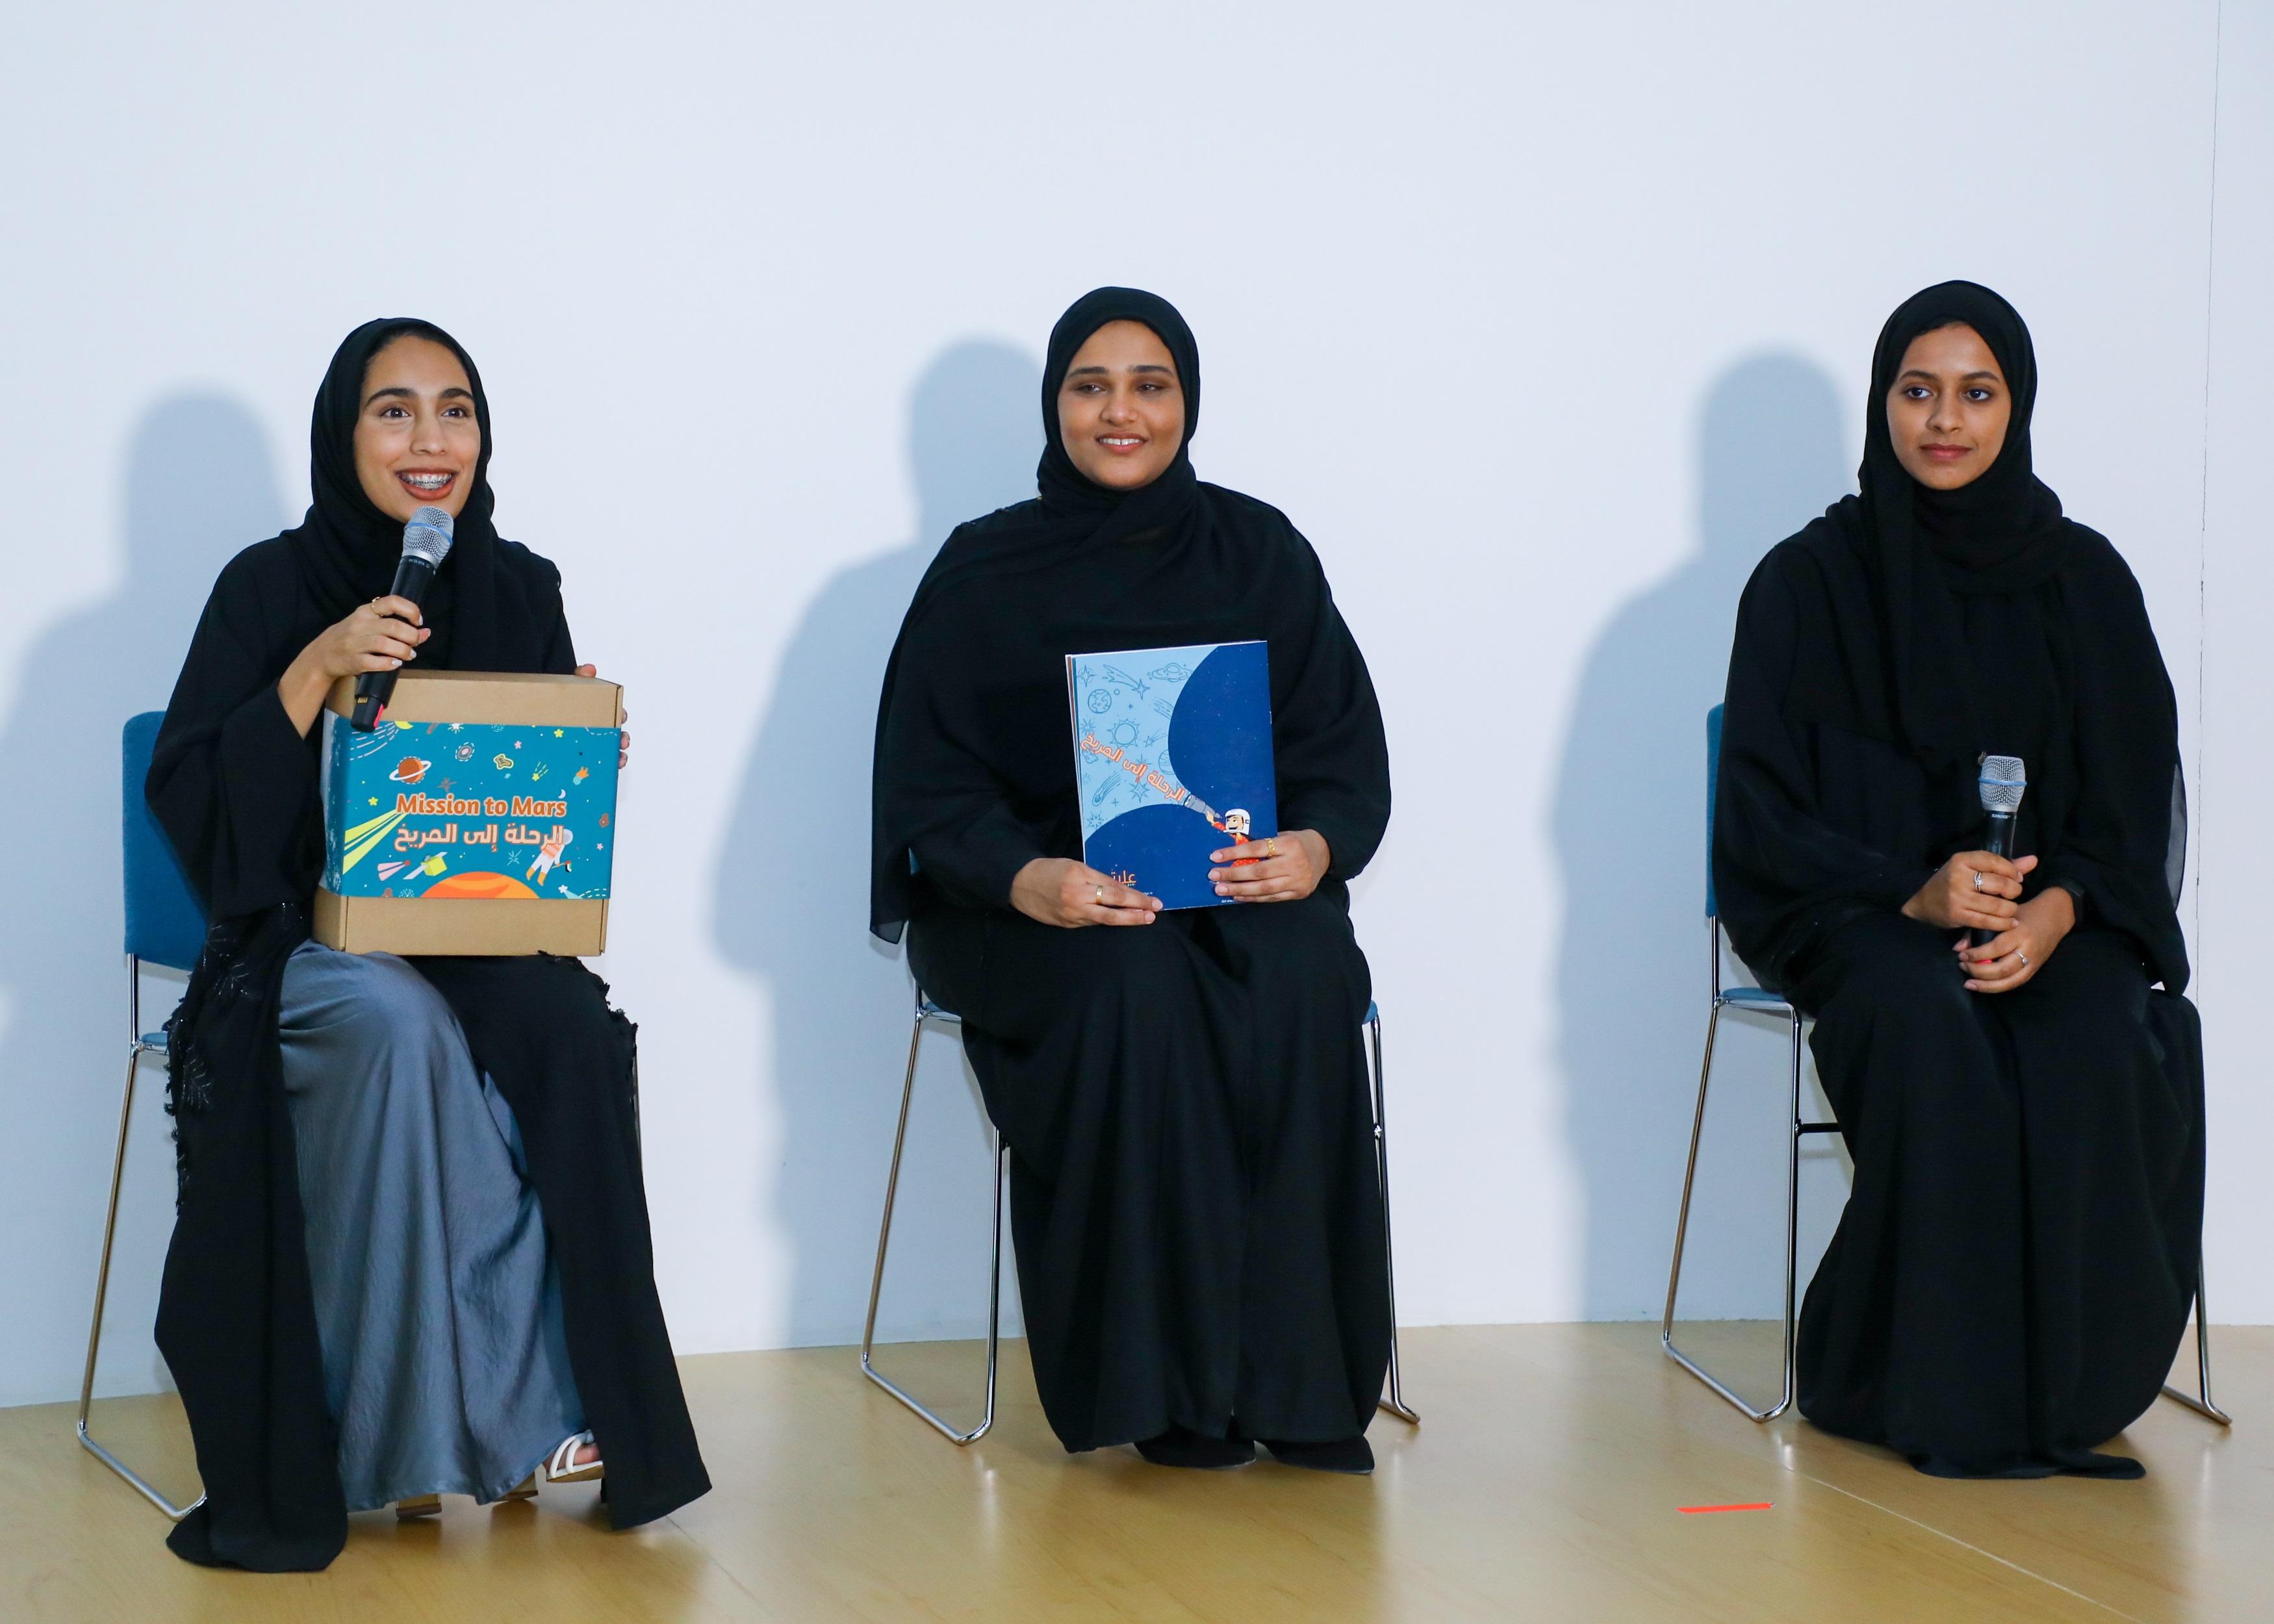 Five-Member Khalifa University Team Wins INJAZ UAE's Company of The Year Award 2021 for Its Subscription Box Company 'Ulbati'